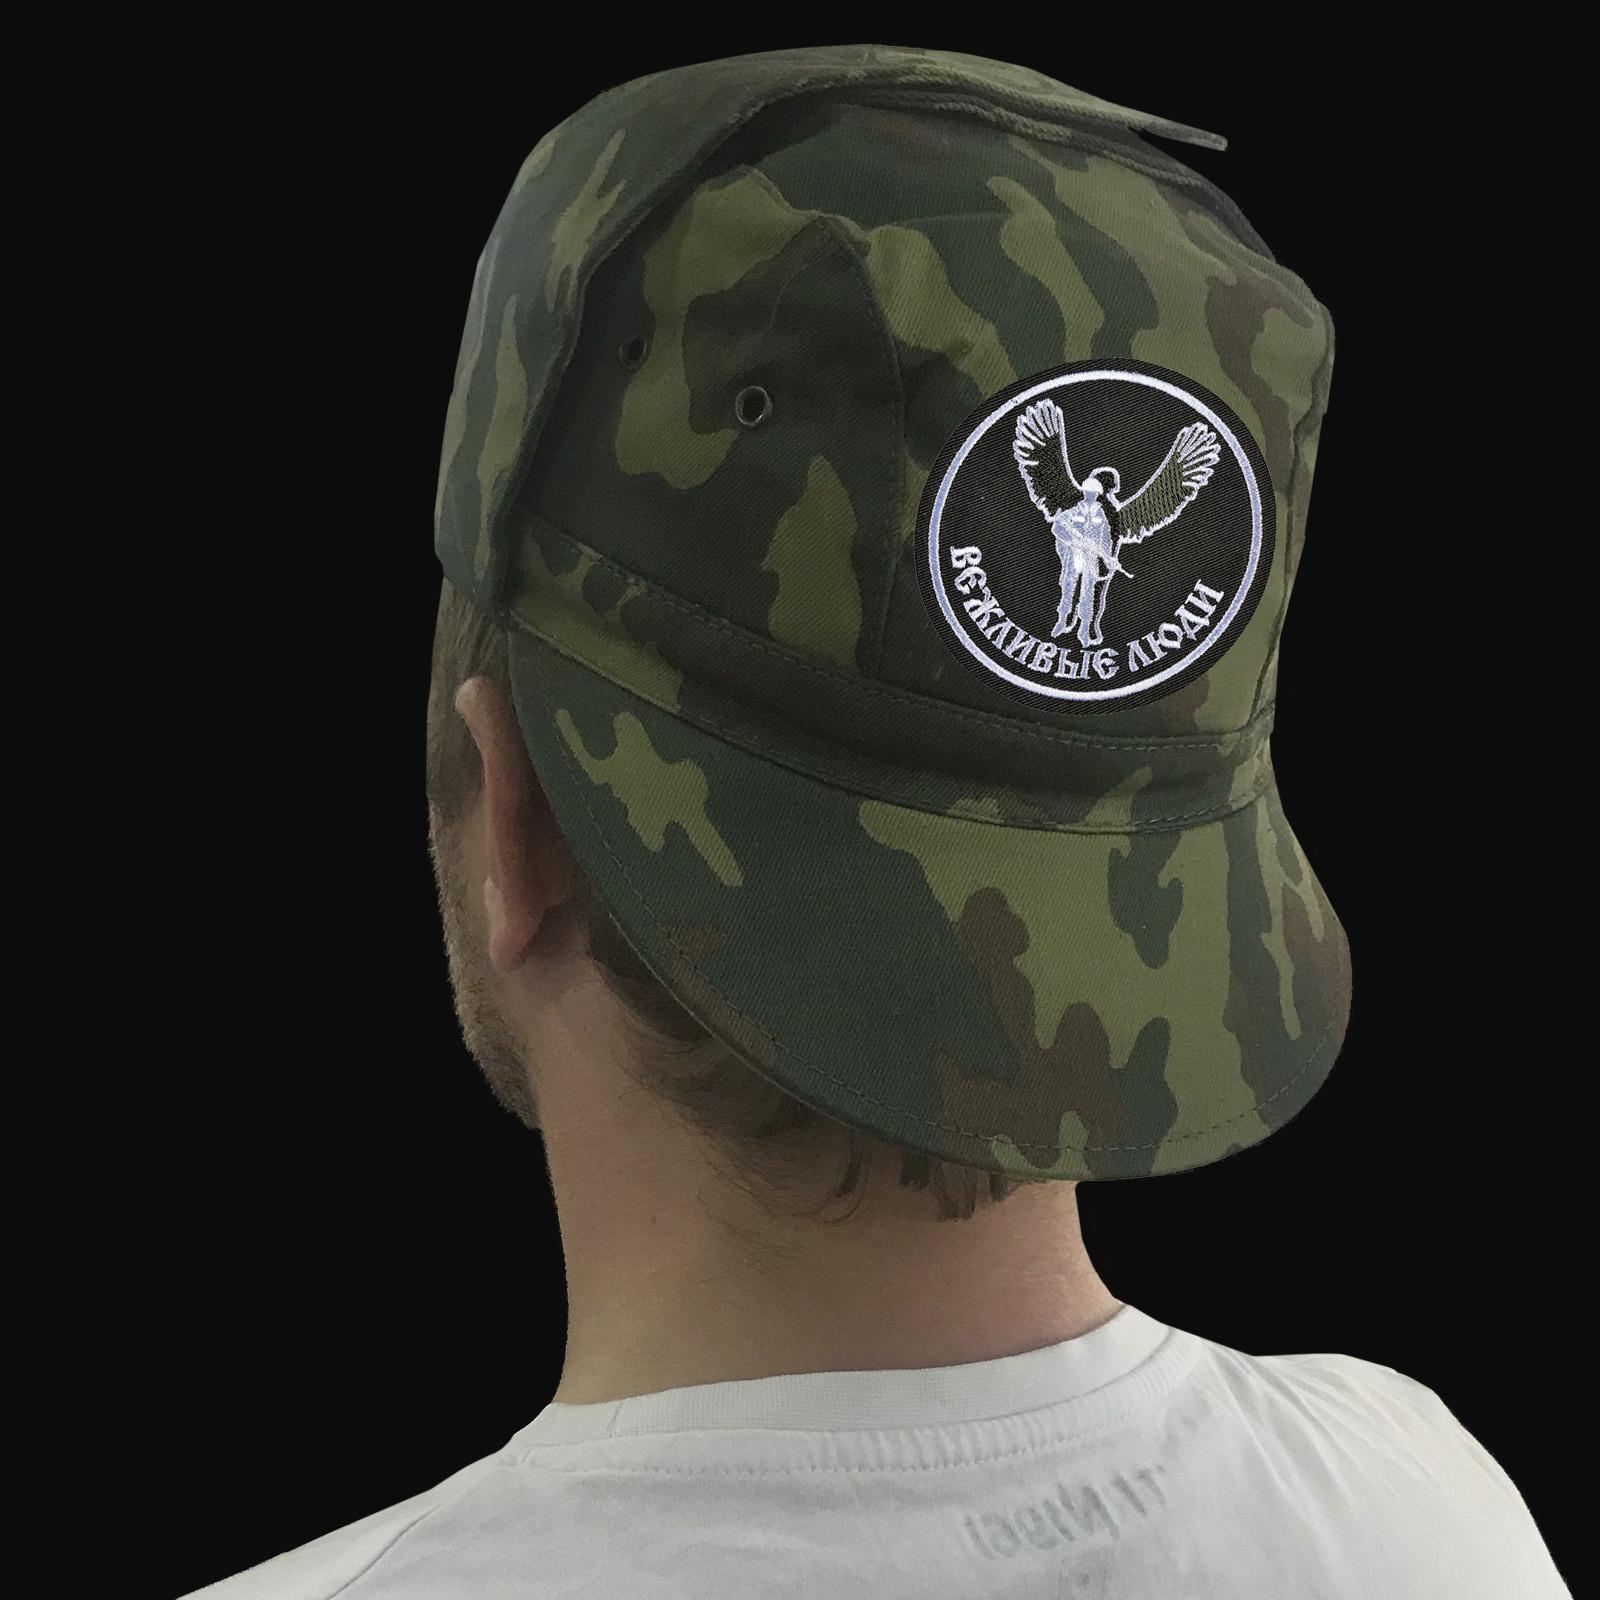 Продажа кепок и других товаров в дизайне «Вежливые люди»